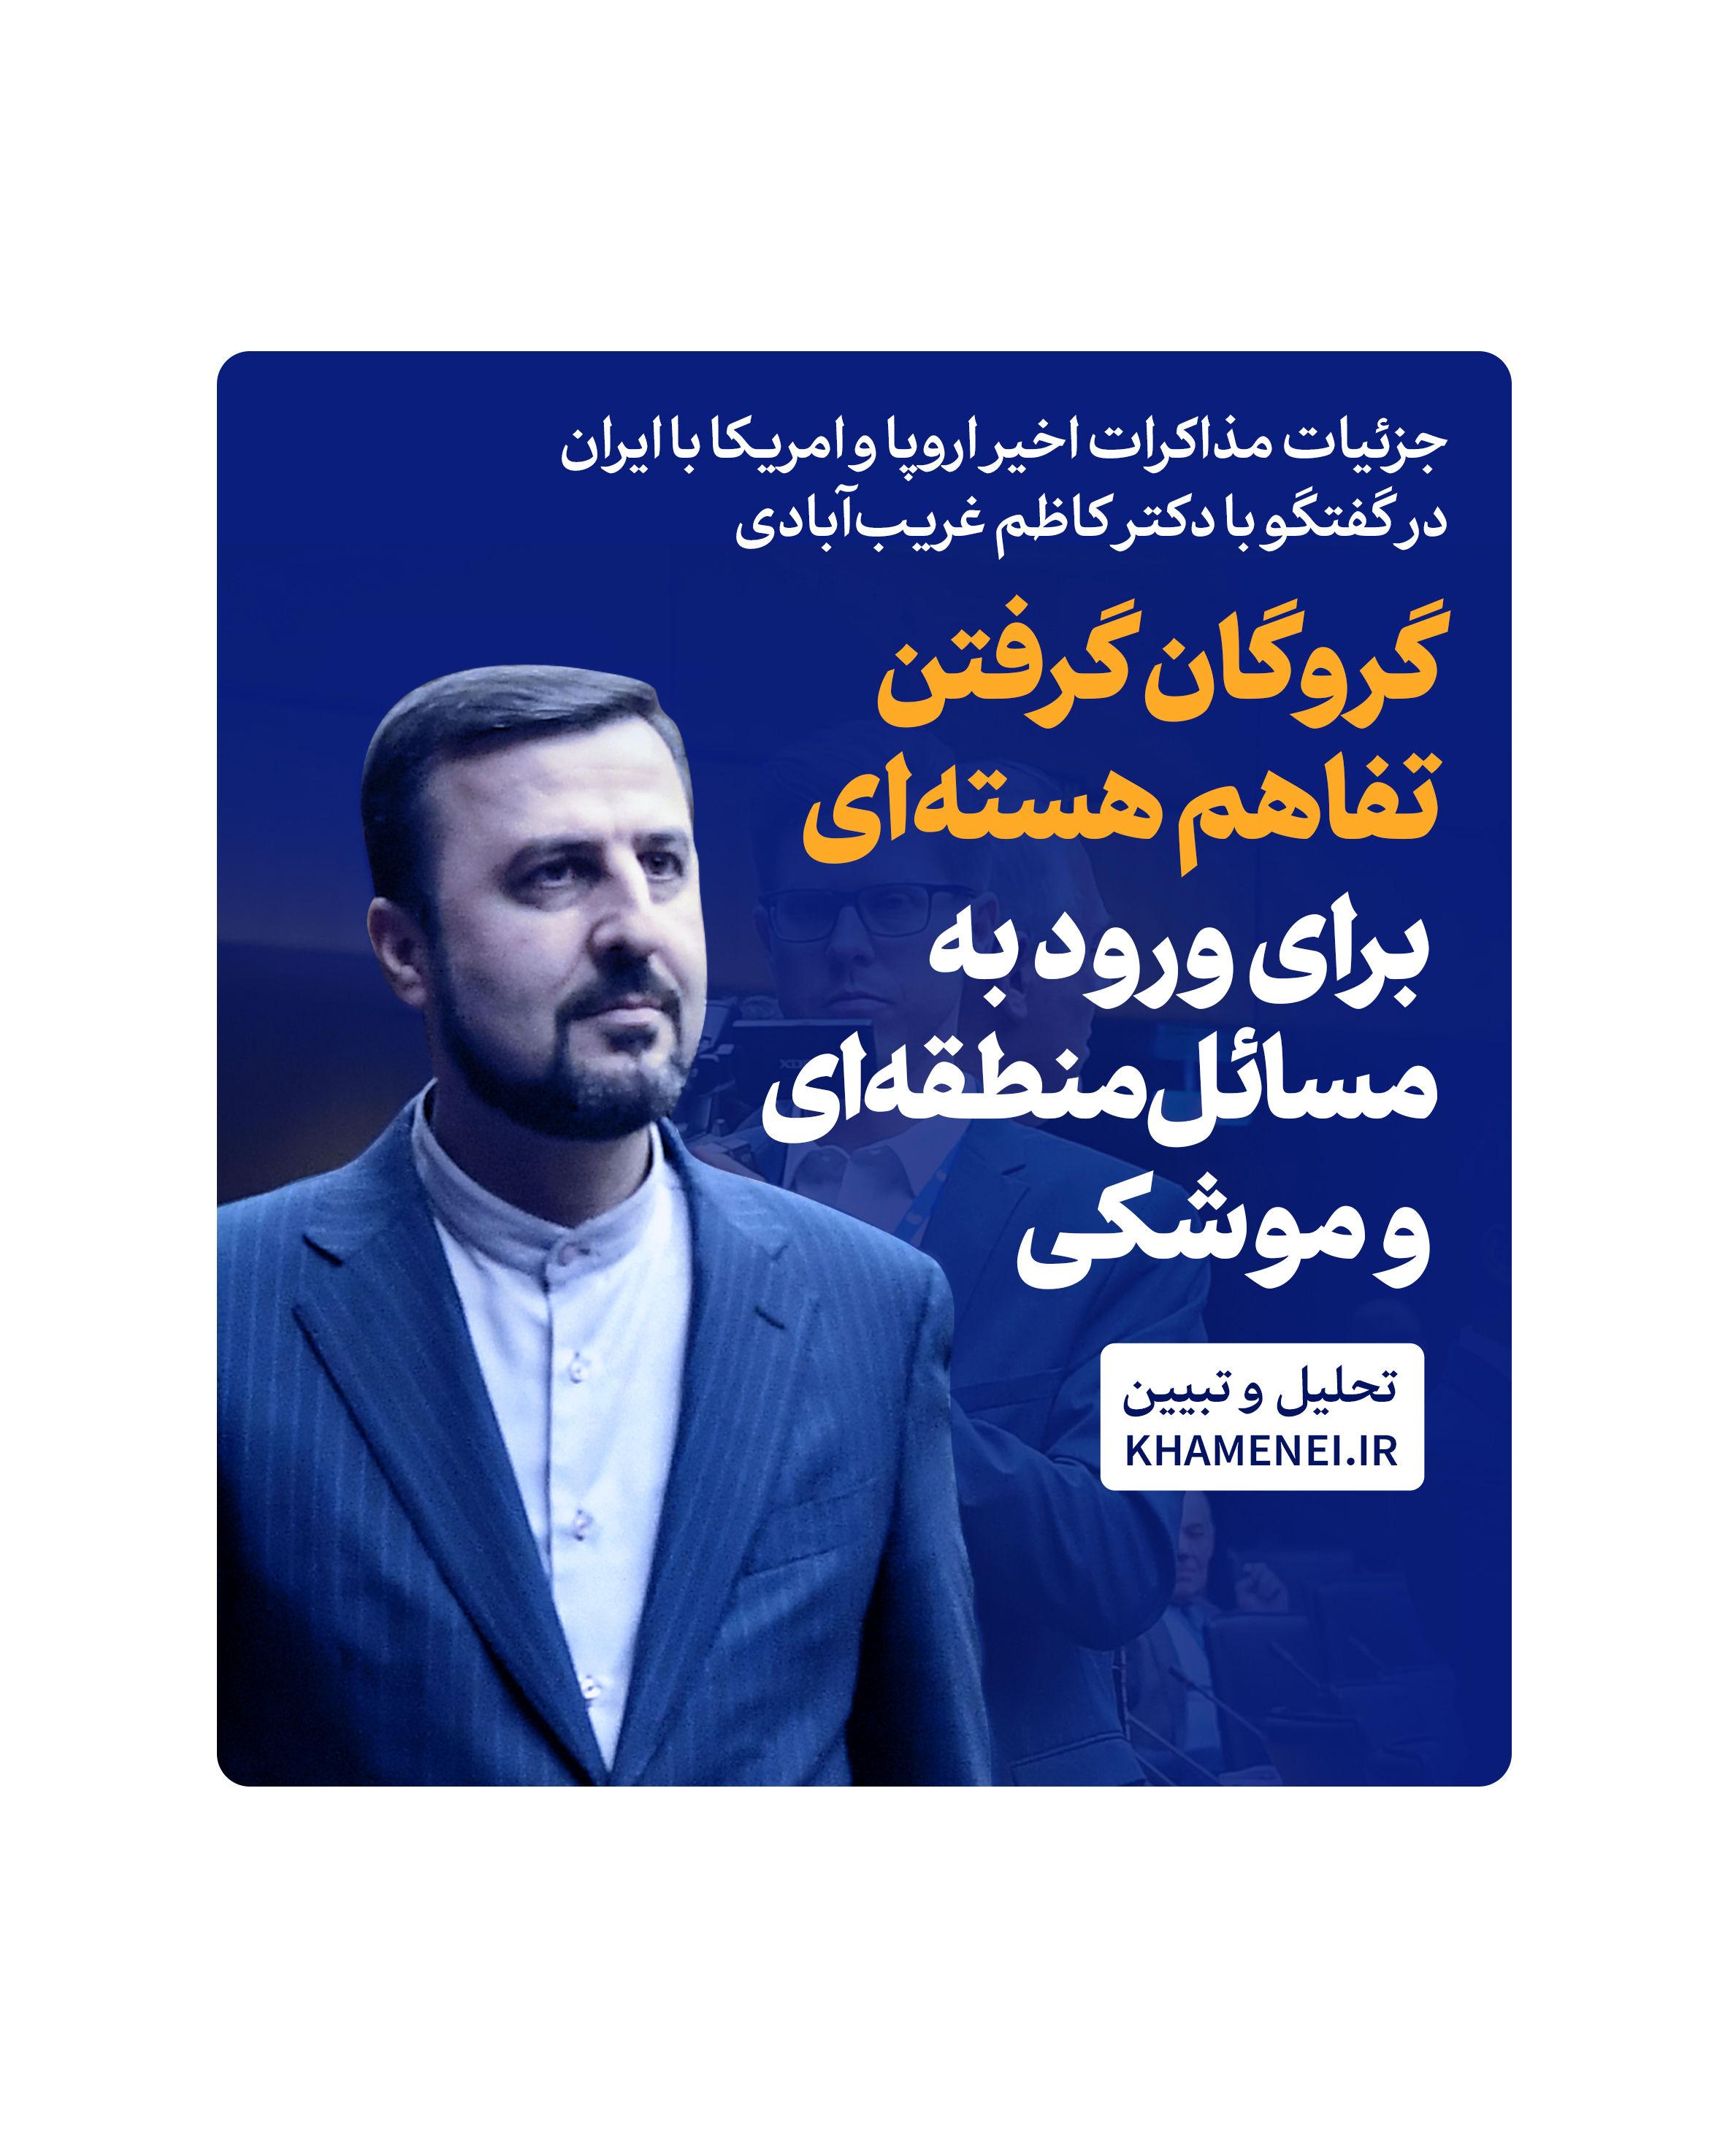 https://idc0-cdn0.khamenei.ir/ndata/news/48358/cover.jpg